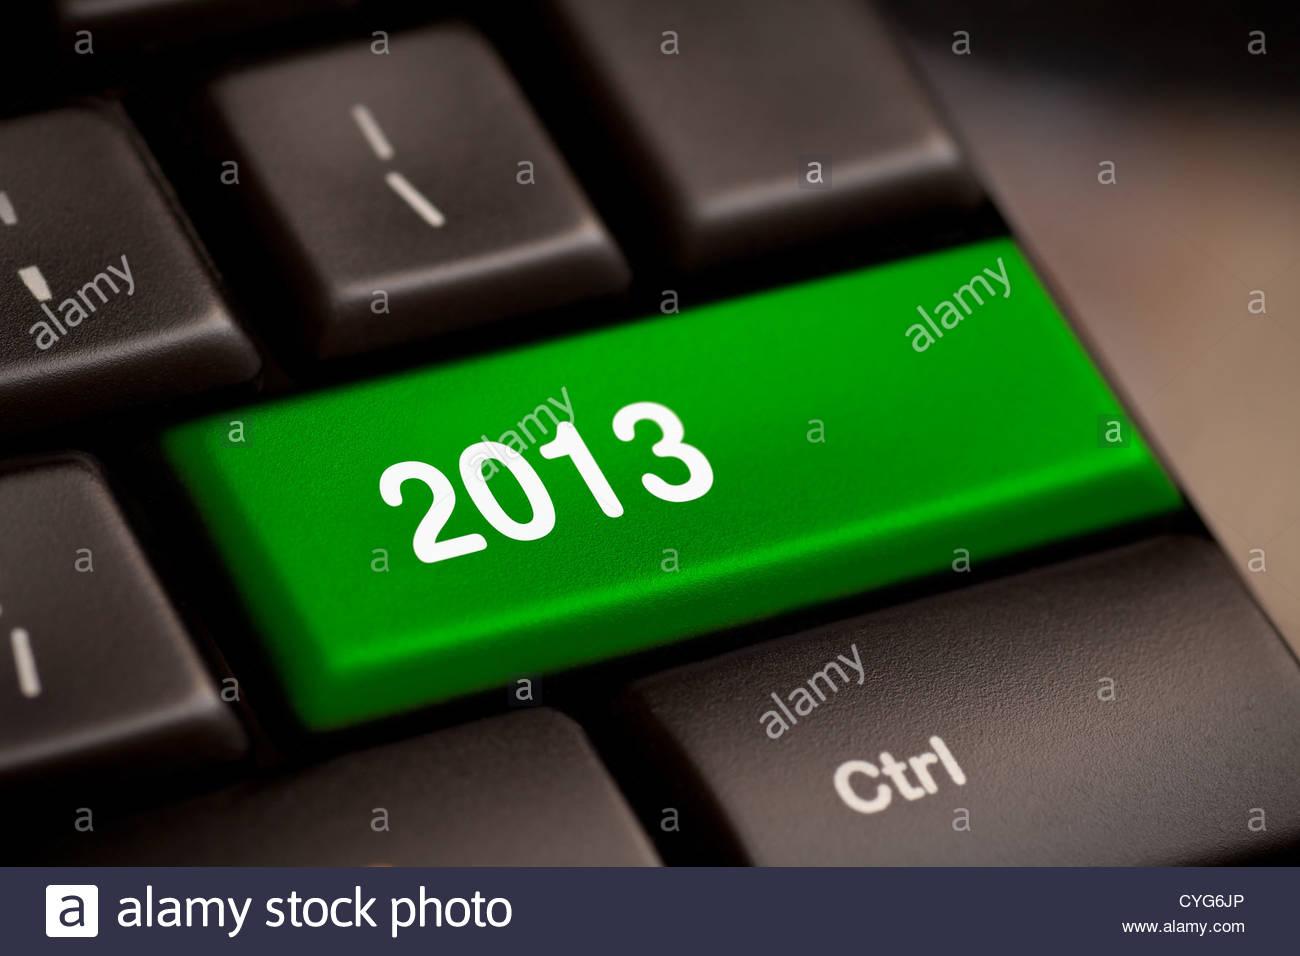 2013 touche au clavier. Nouvelle année. Photo Stock